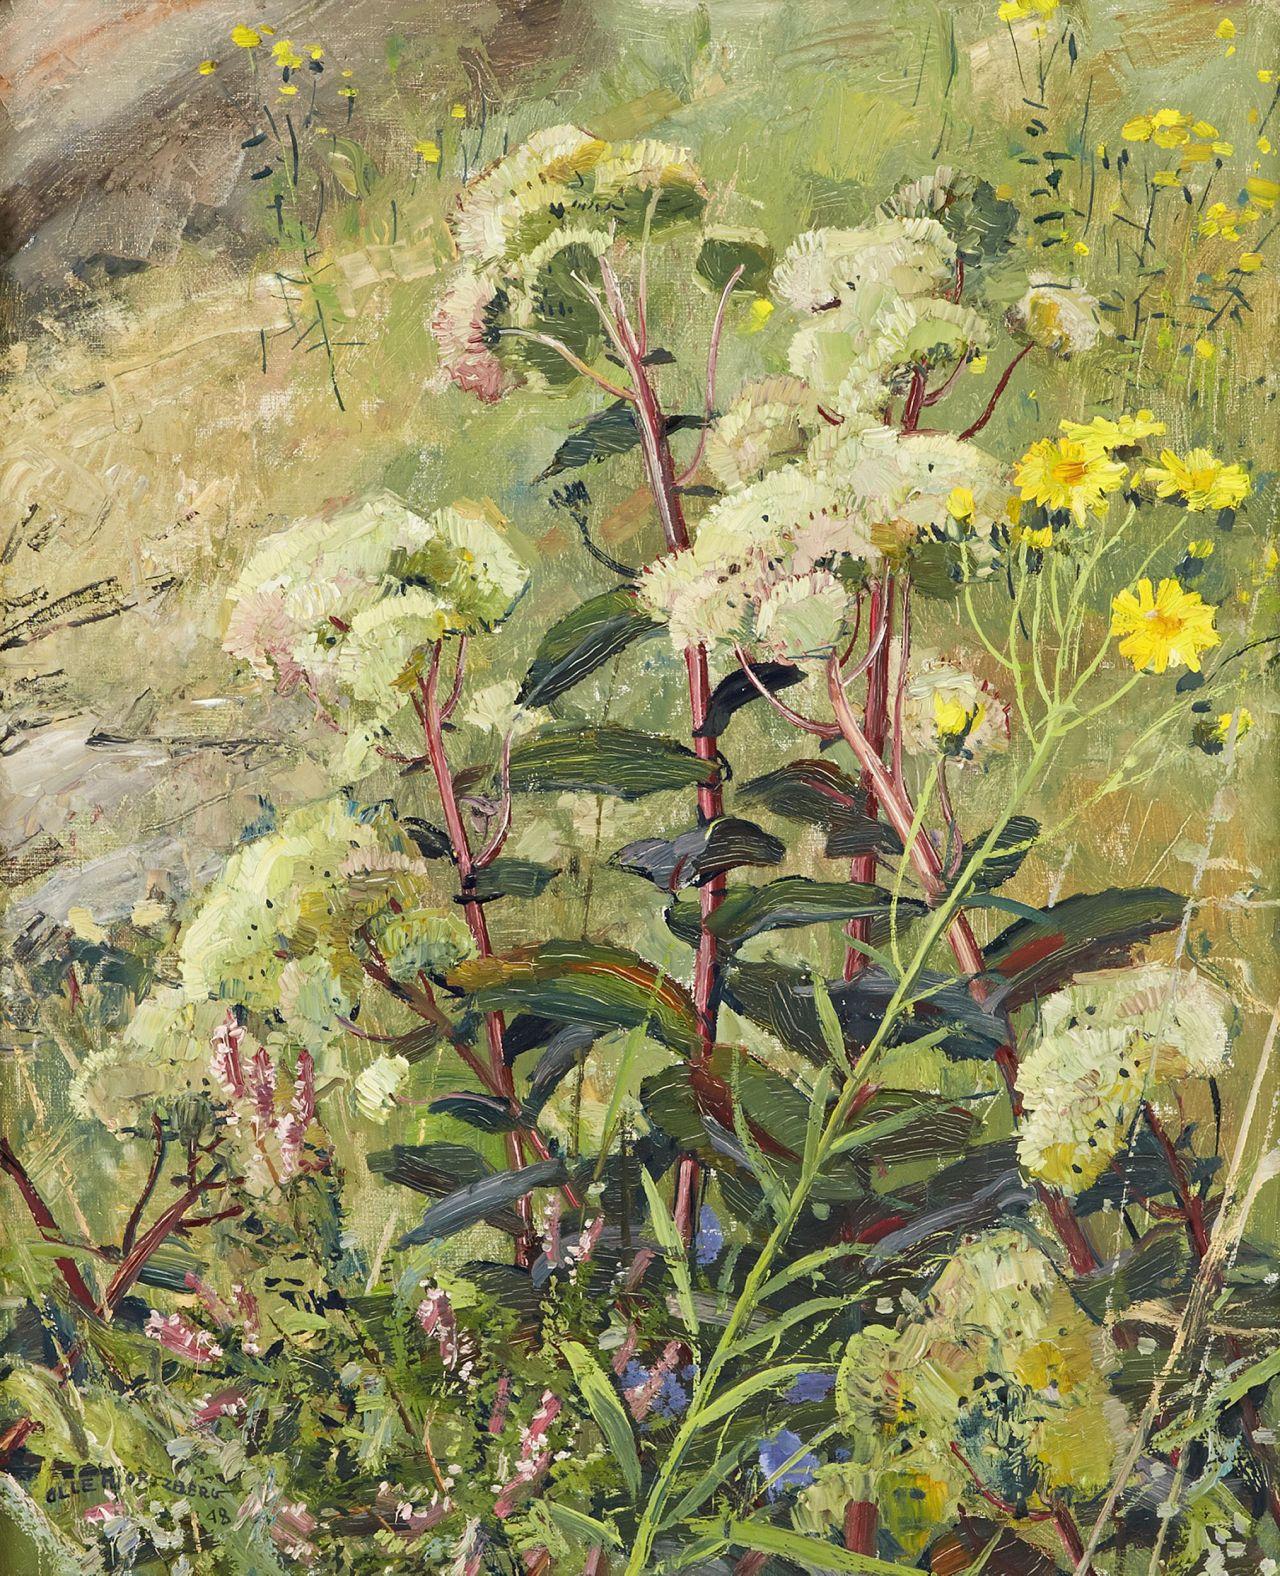 thunderstruck9:  Olle Hjortzberg (Swedish, 1872-1959), Ängsblommor vid midsommartid [Meadow flowers in midsummer], 1948. Oil on canvas, 61 x 50.5 cm.